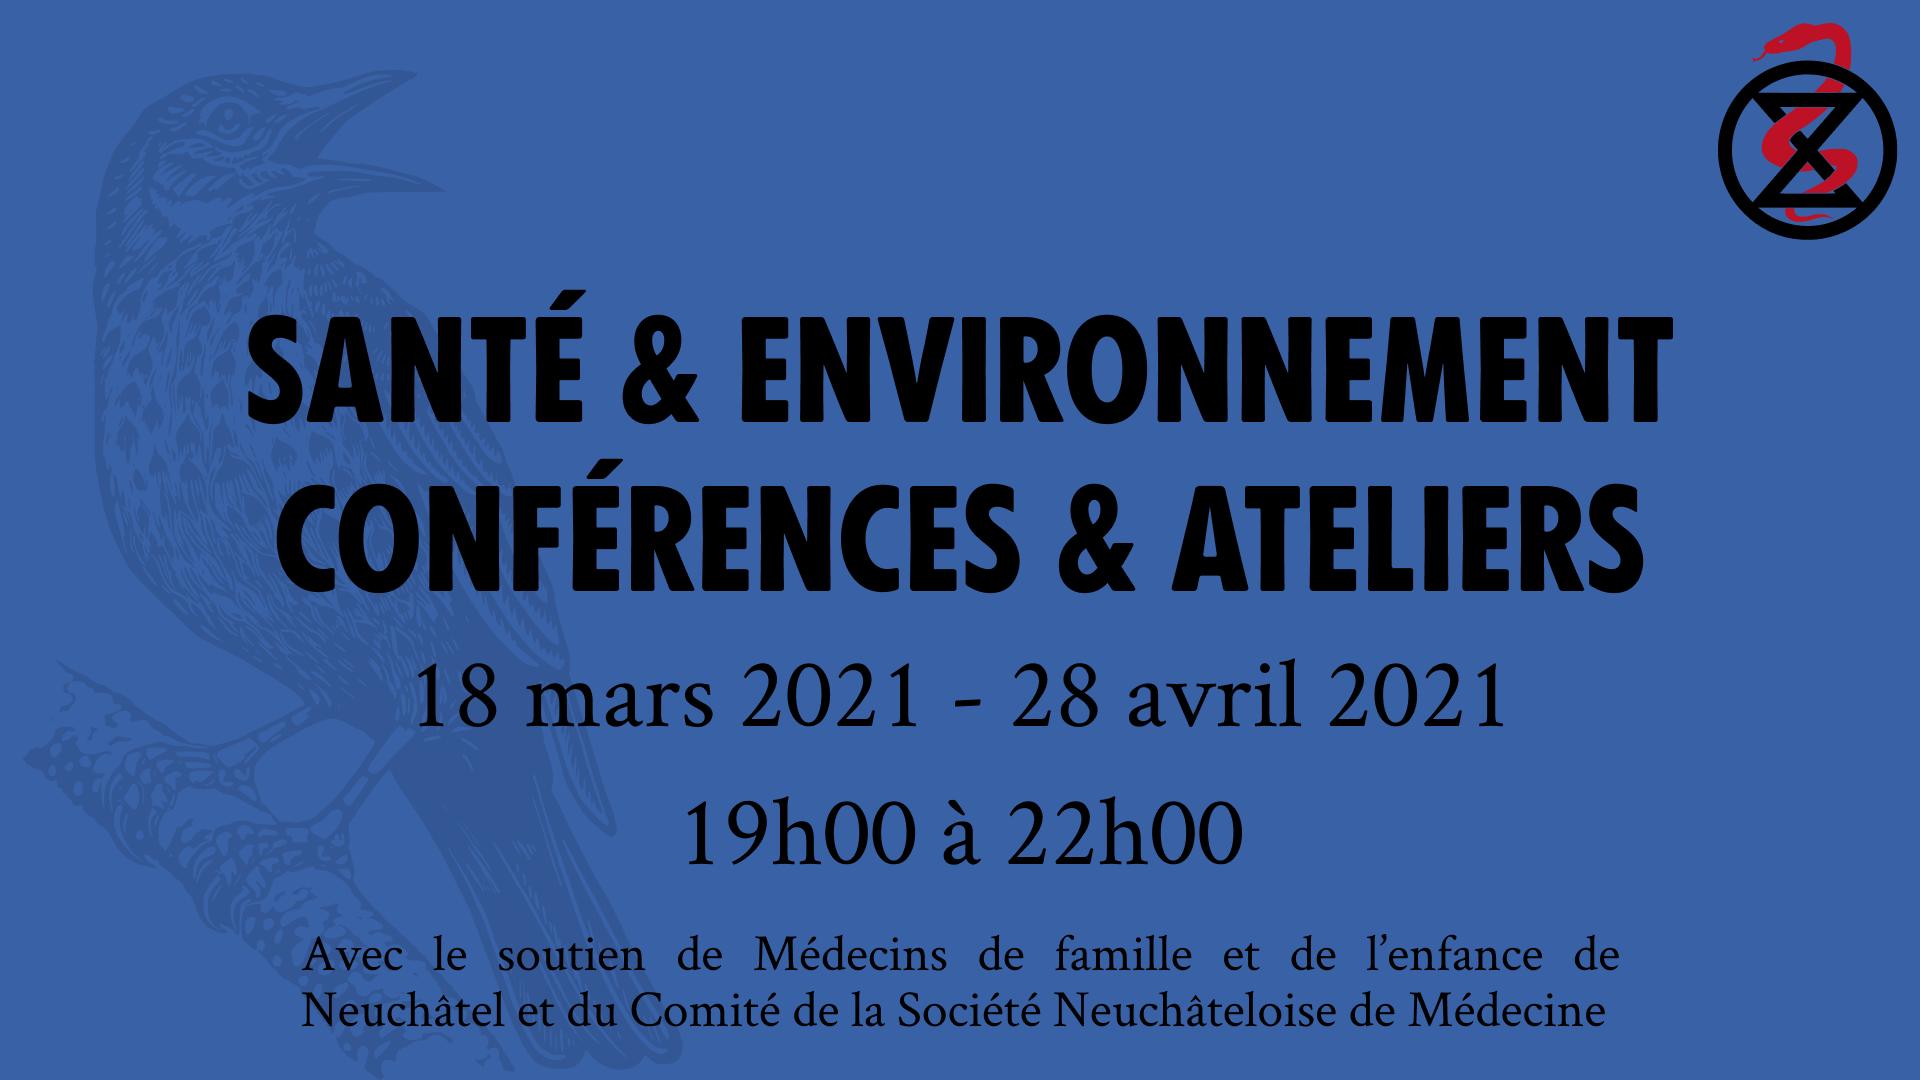 Santé & Environnement: deux conférences-ateliers publiques en ligne